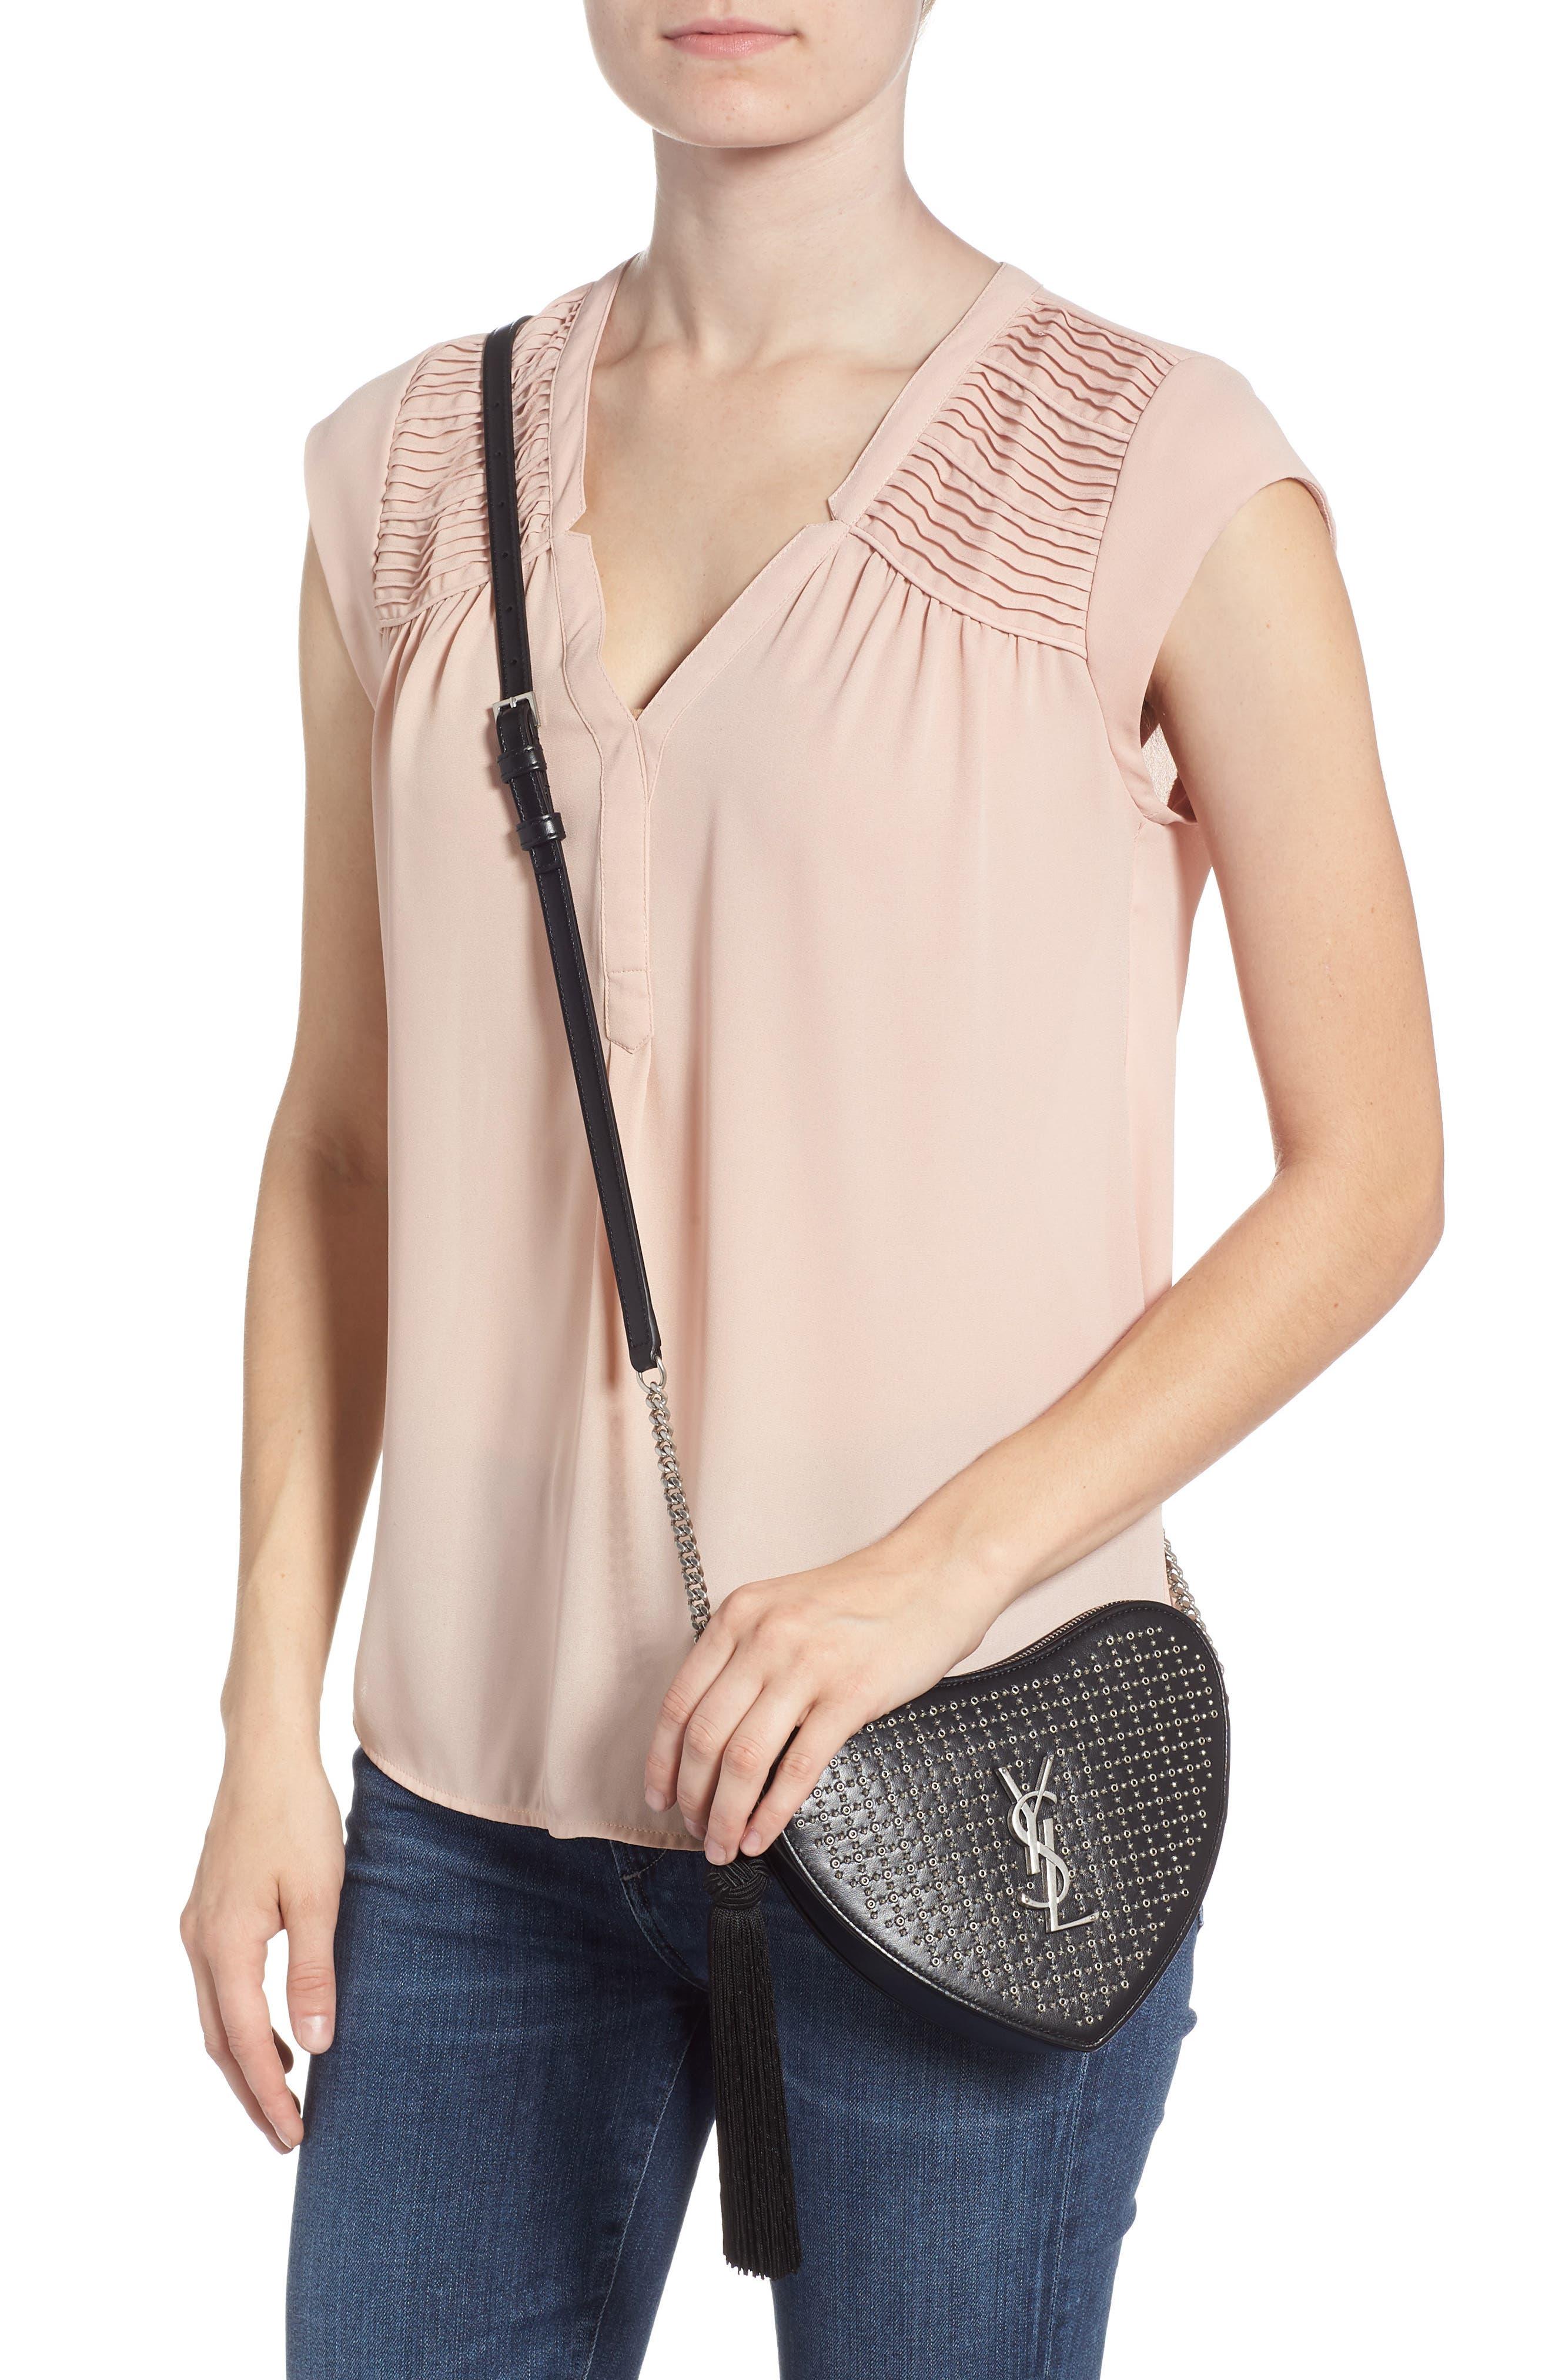 Sac Coeur Studded Leather Crossbody Bag,                             Alternate thumbnail 2, color,                             NOIR/ NOIR